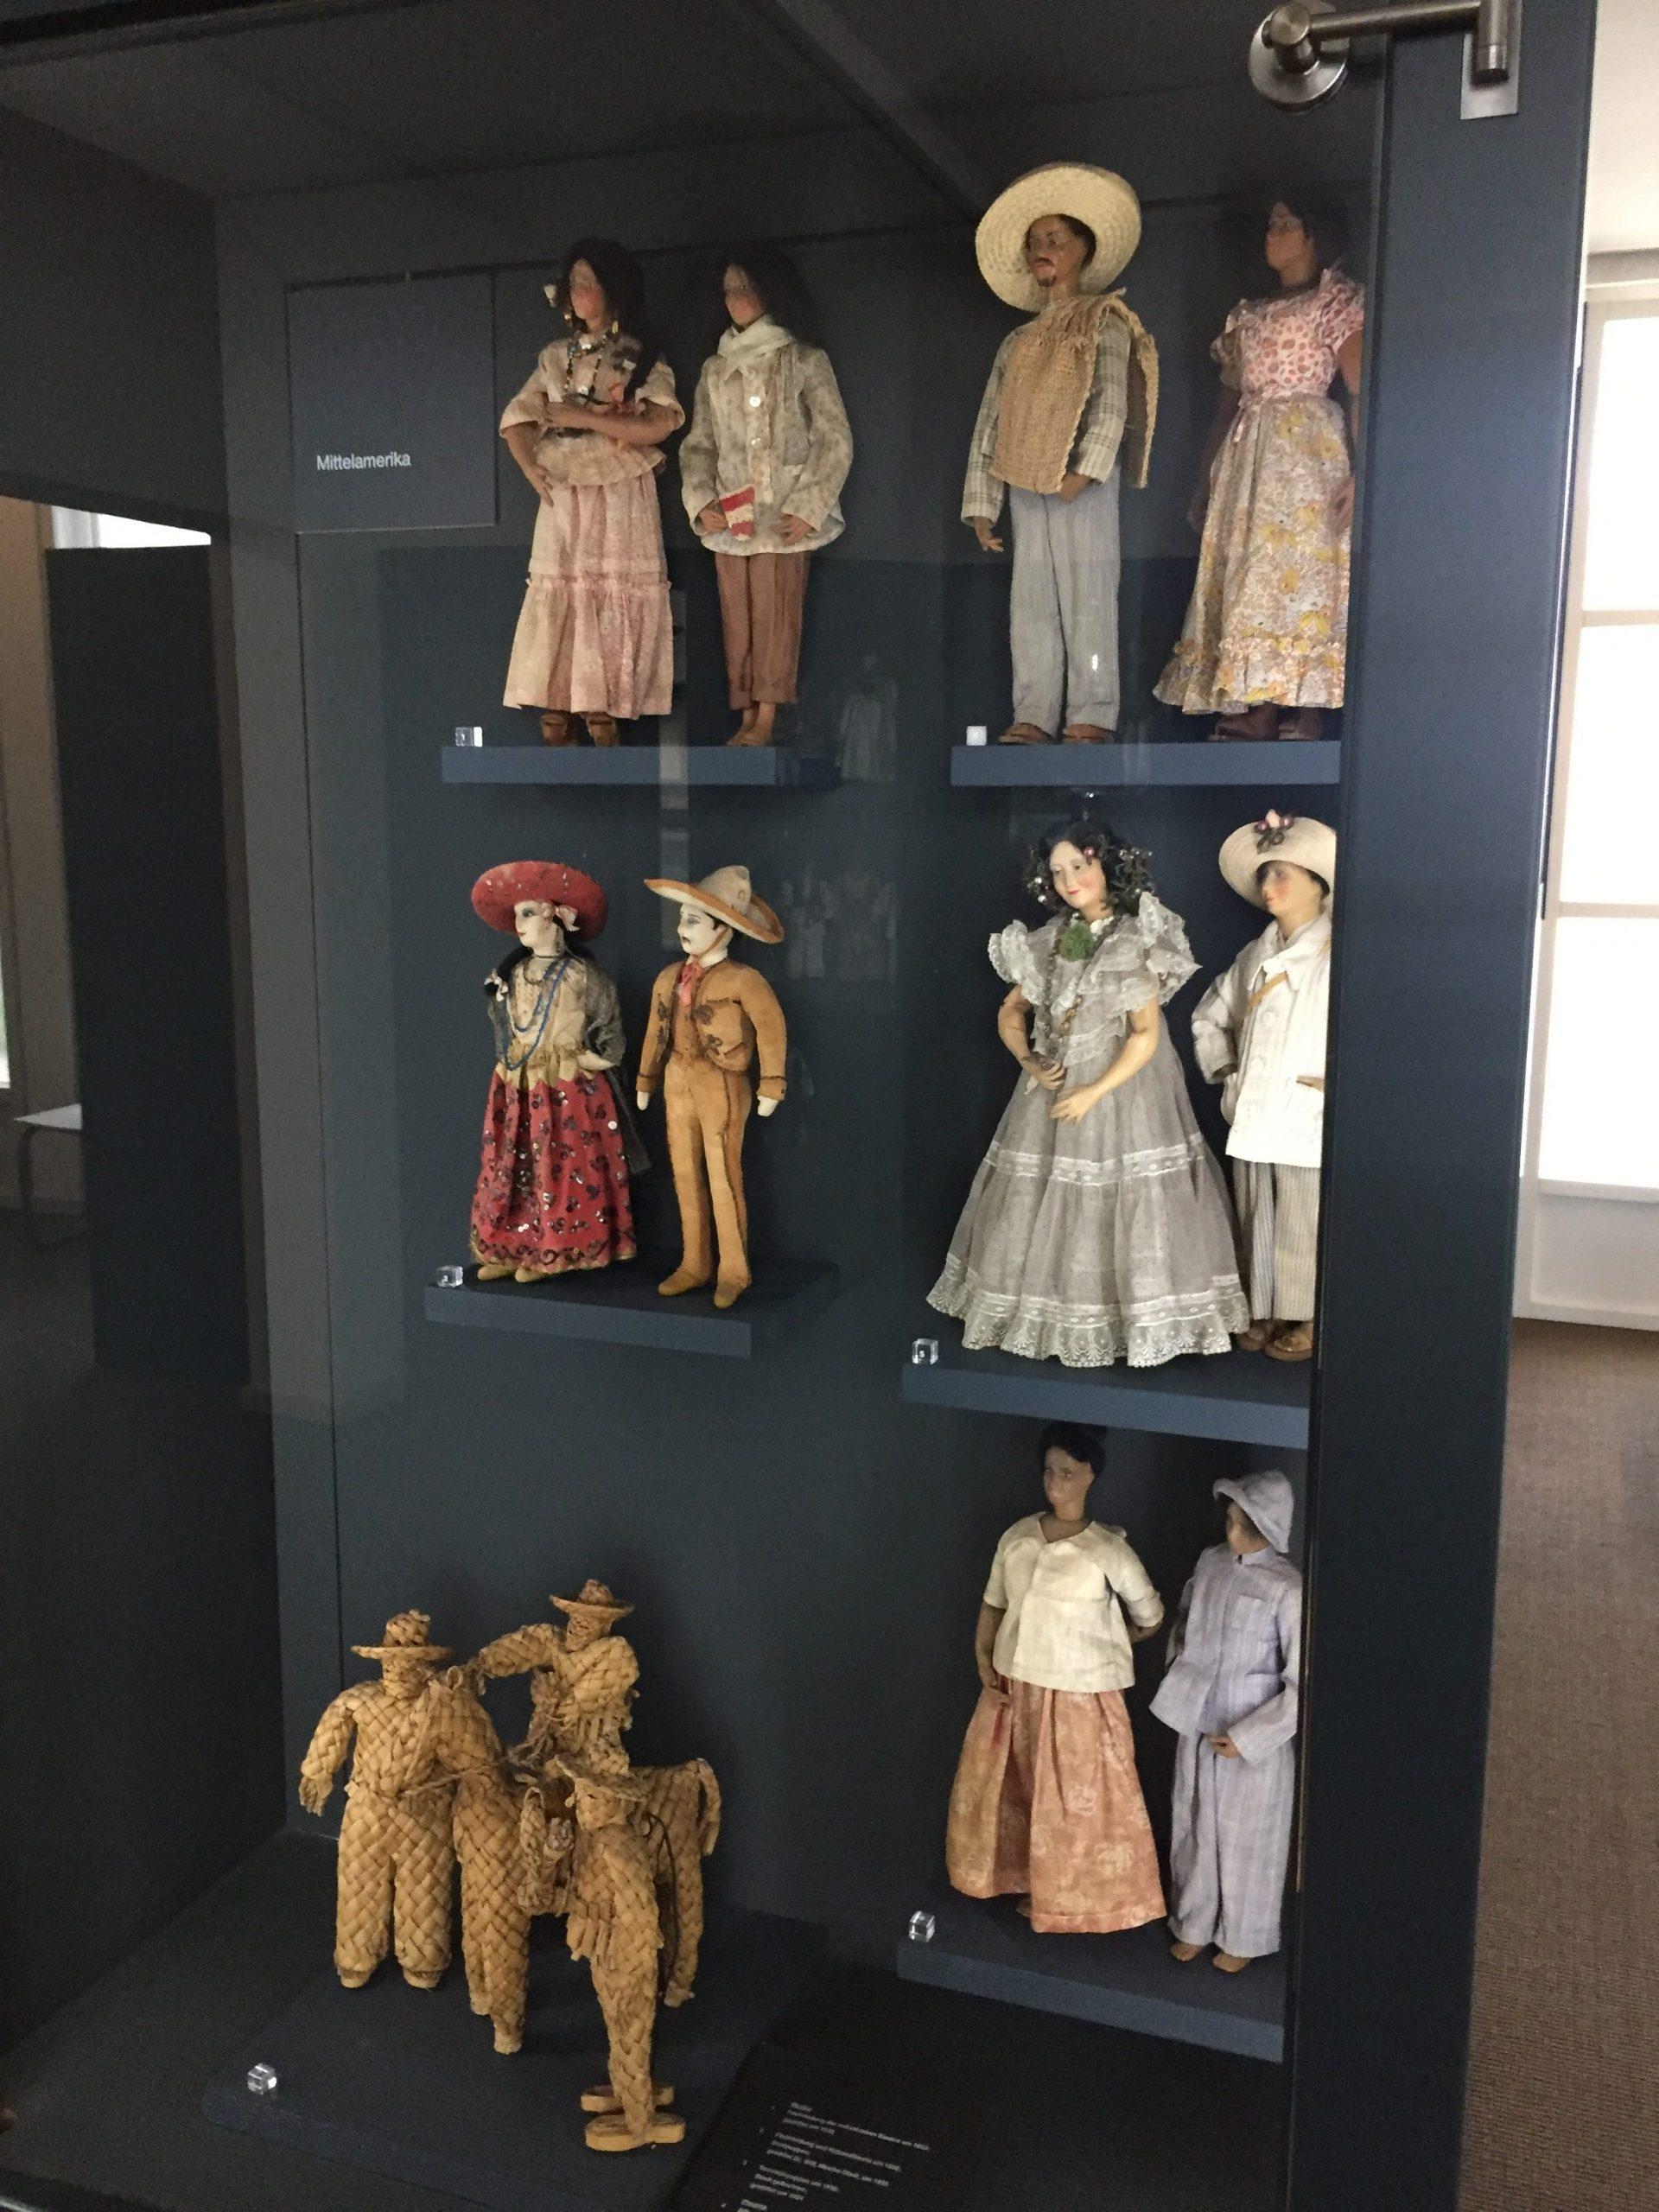 Figuren anderer Kulturen, hier Mittelamerika